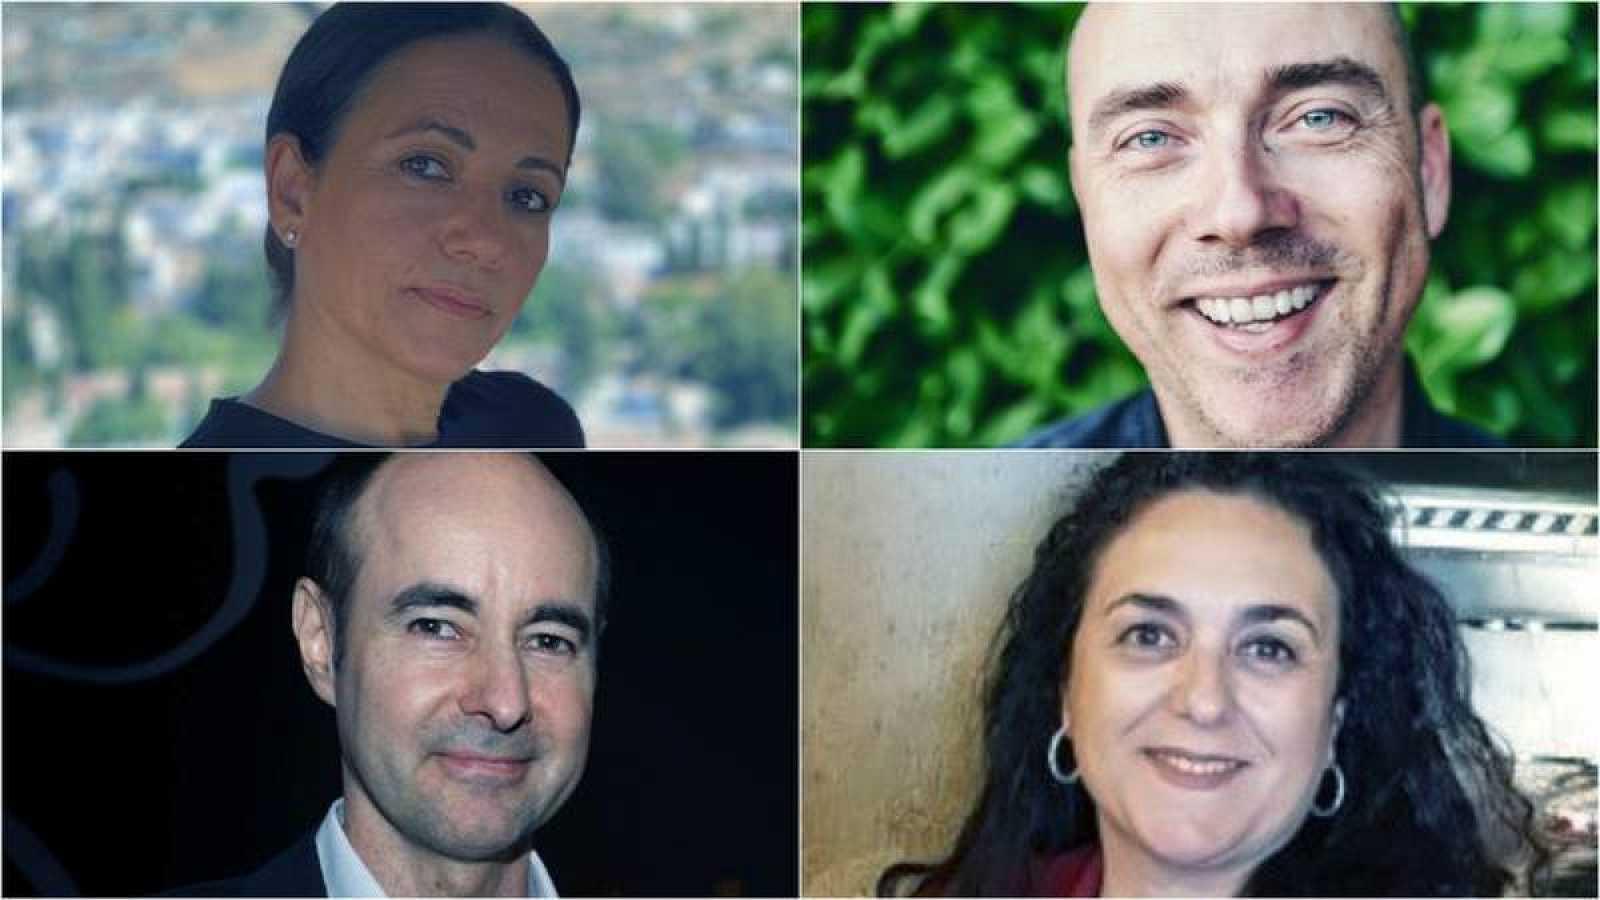 Utopías - Flamenco, brillante y frágil - 07/02/21 - escuchar ahora